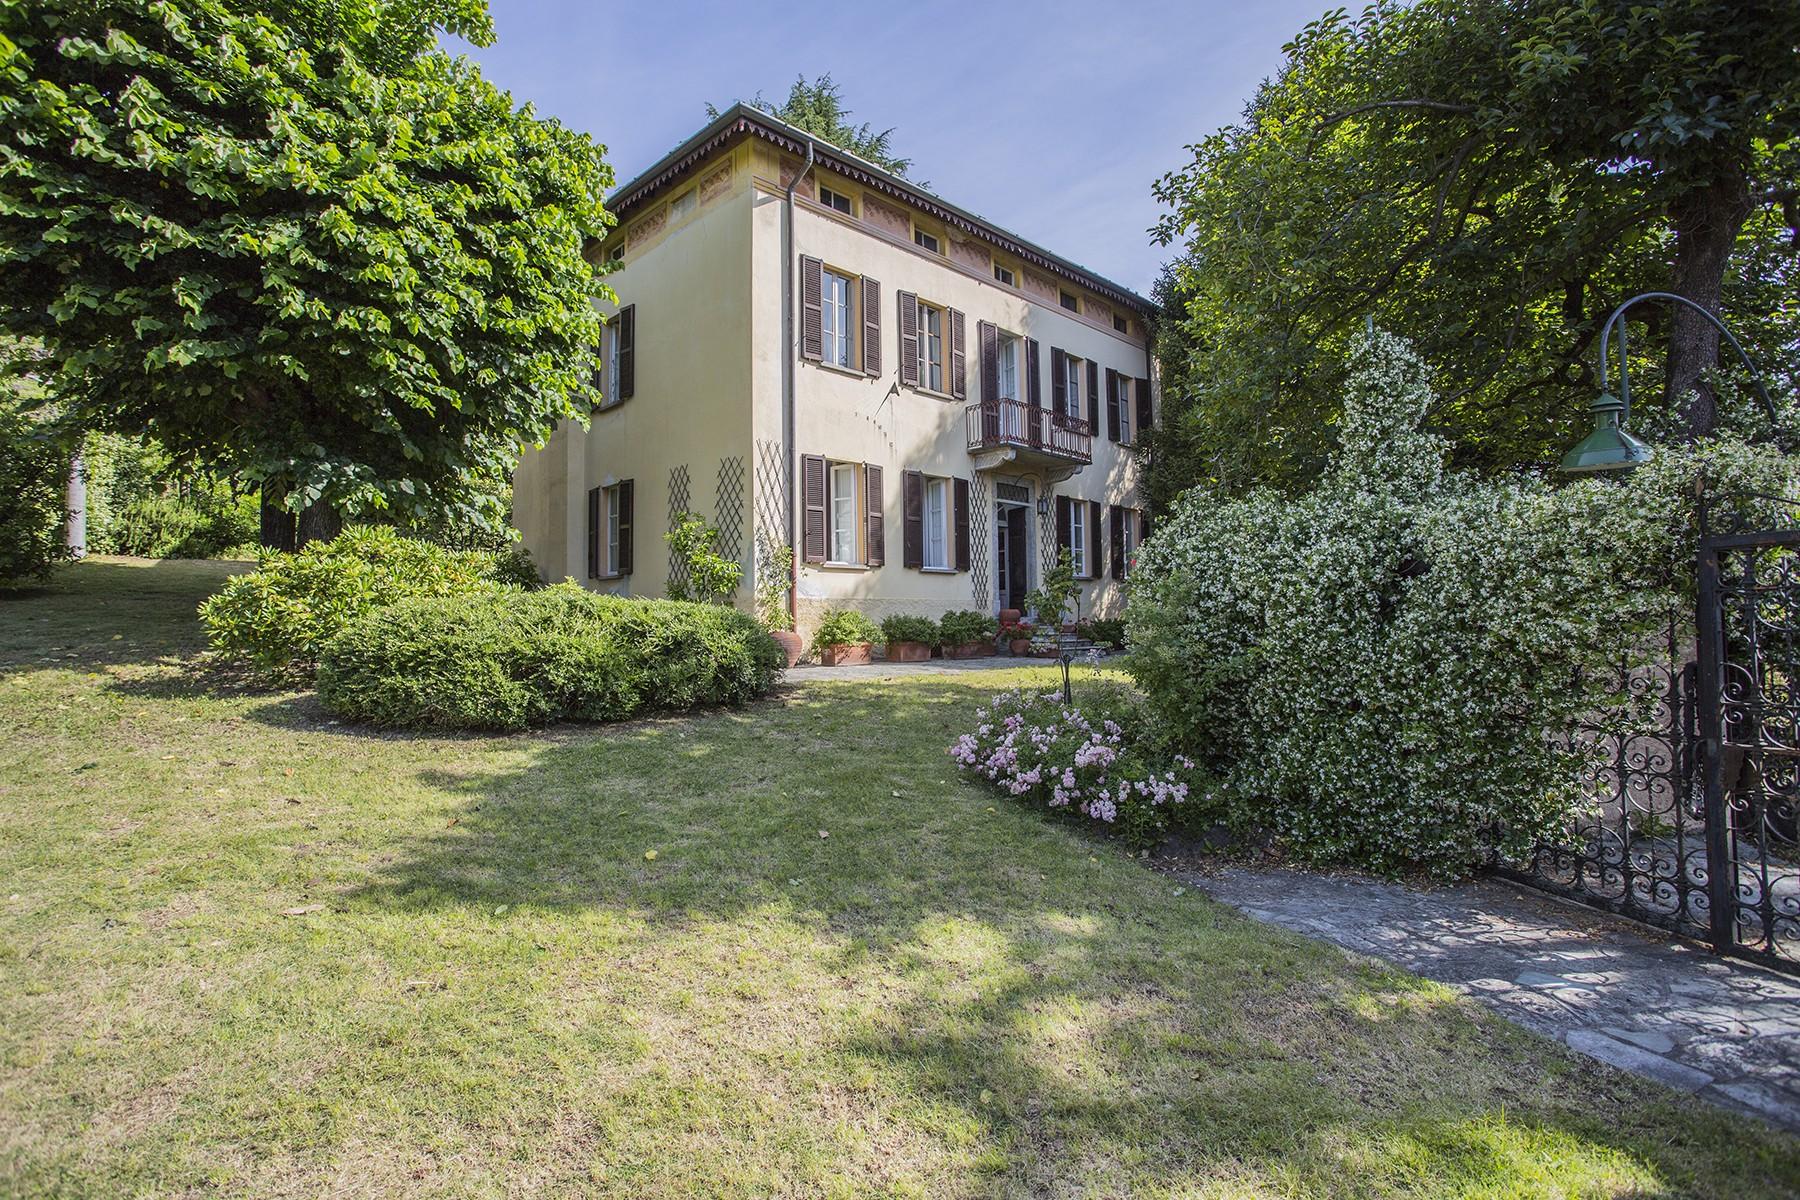 Villa in Vendita a Vercana: 5 locali, 300 mq - Foto 1